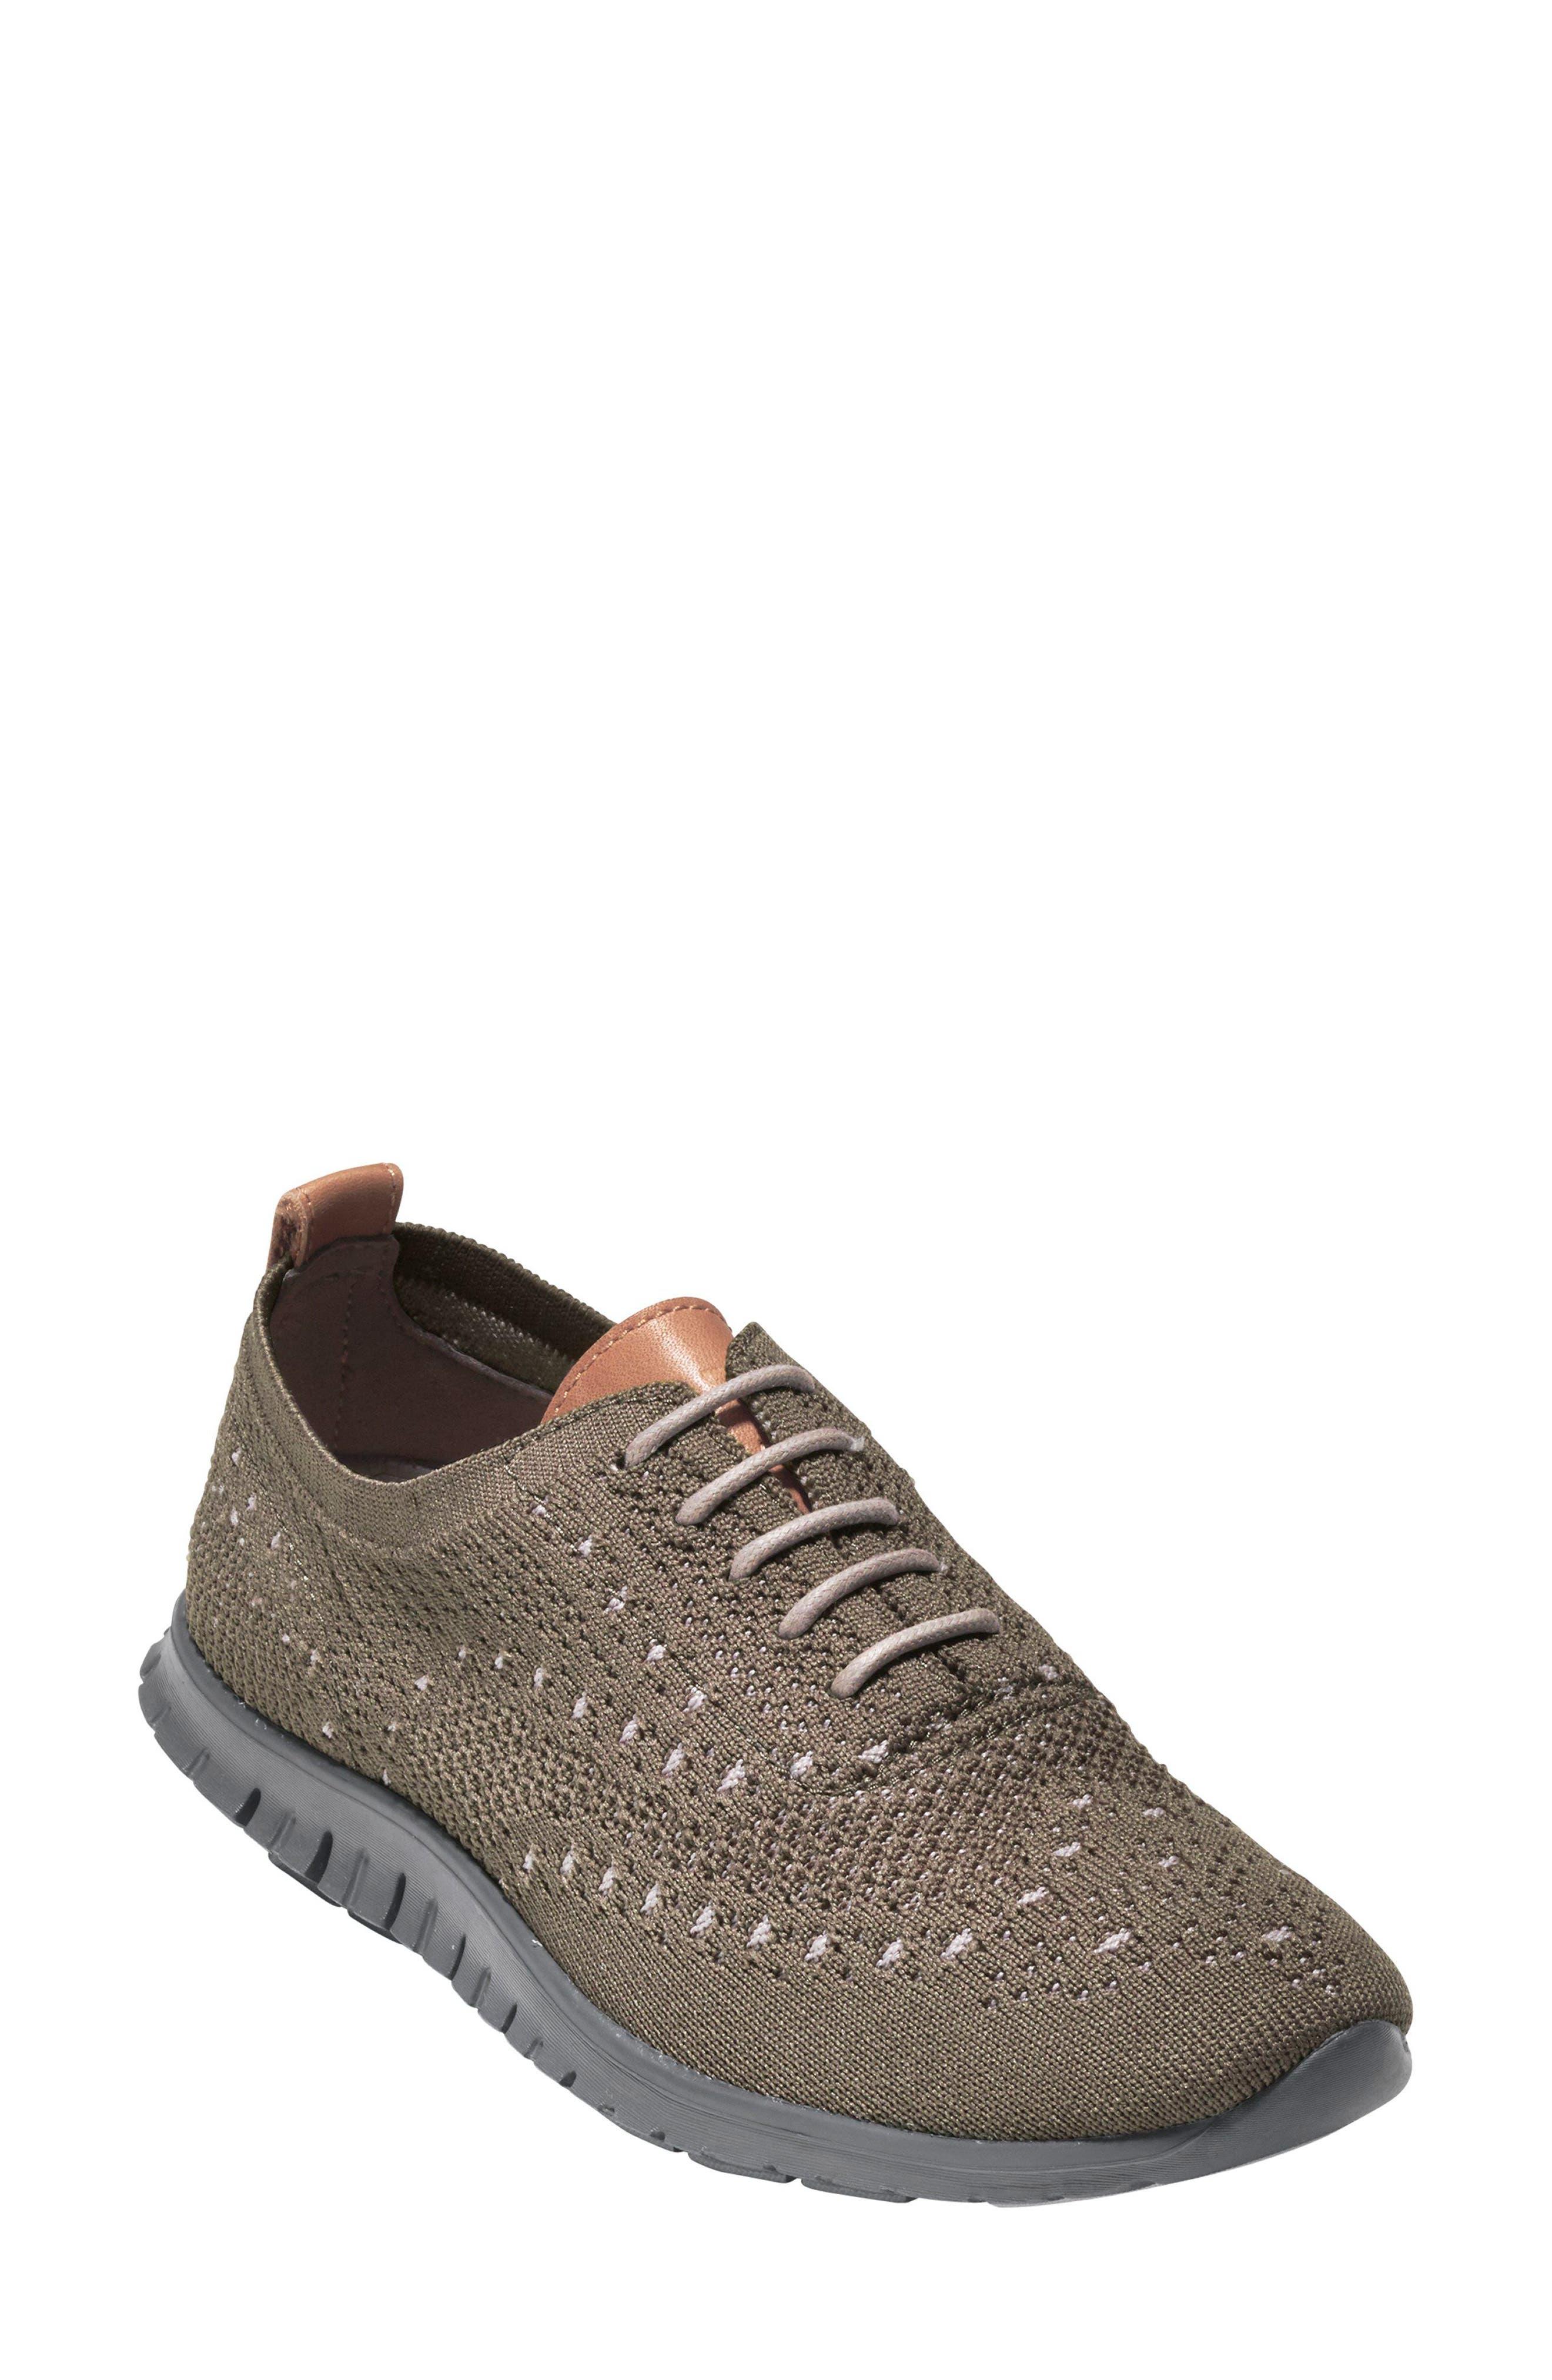 Alternate Image 1 Selected - Cole Haan ZERØGRAND Wingtip Sneaker (Women)